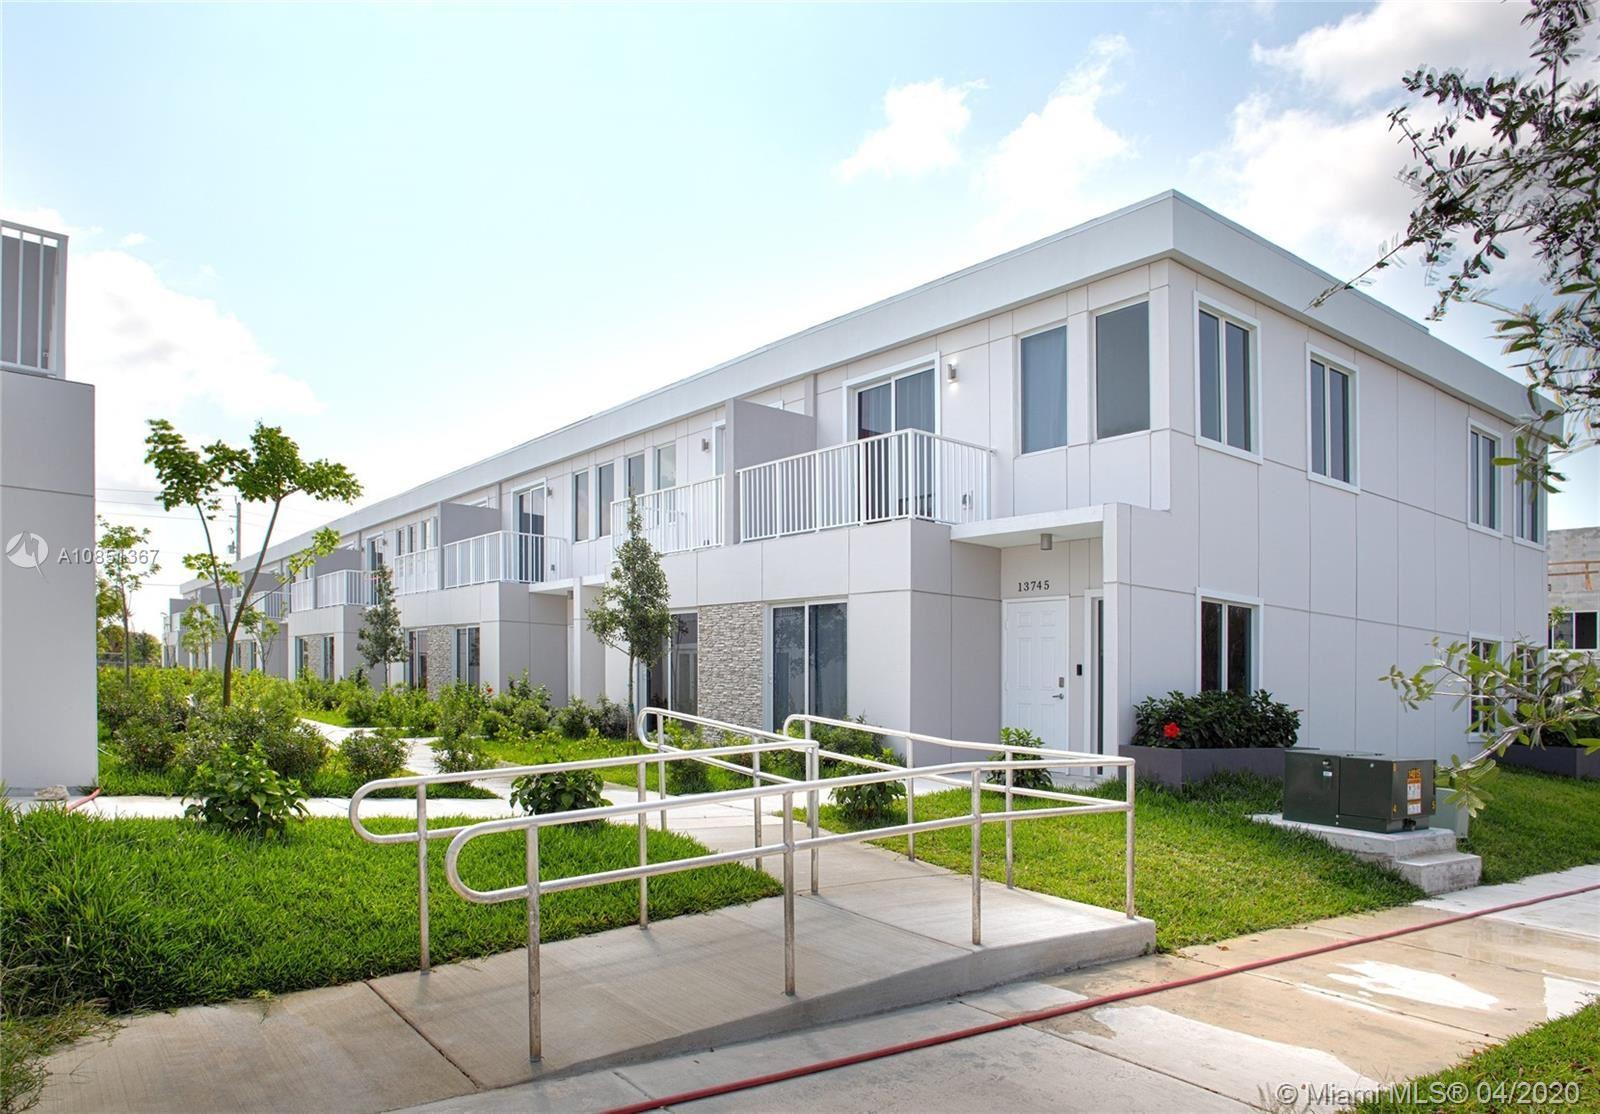 13724 SW 259 ST, Miami, FL 33032 - #: A10851367